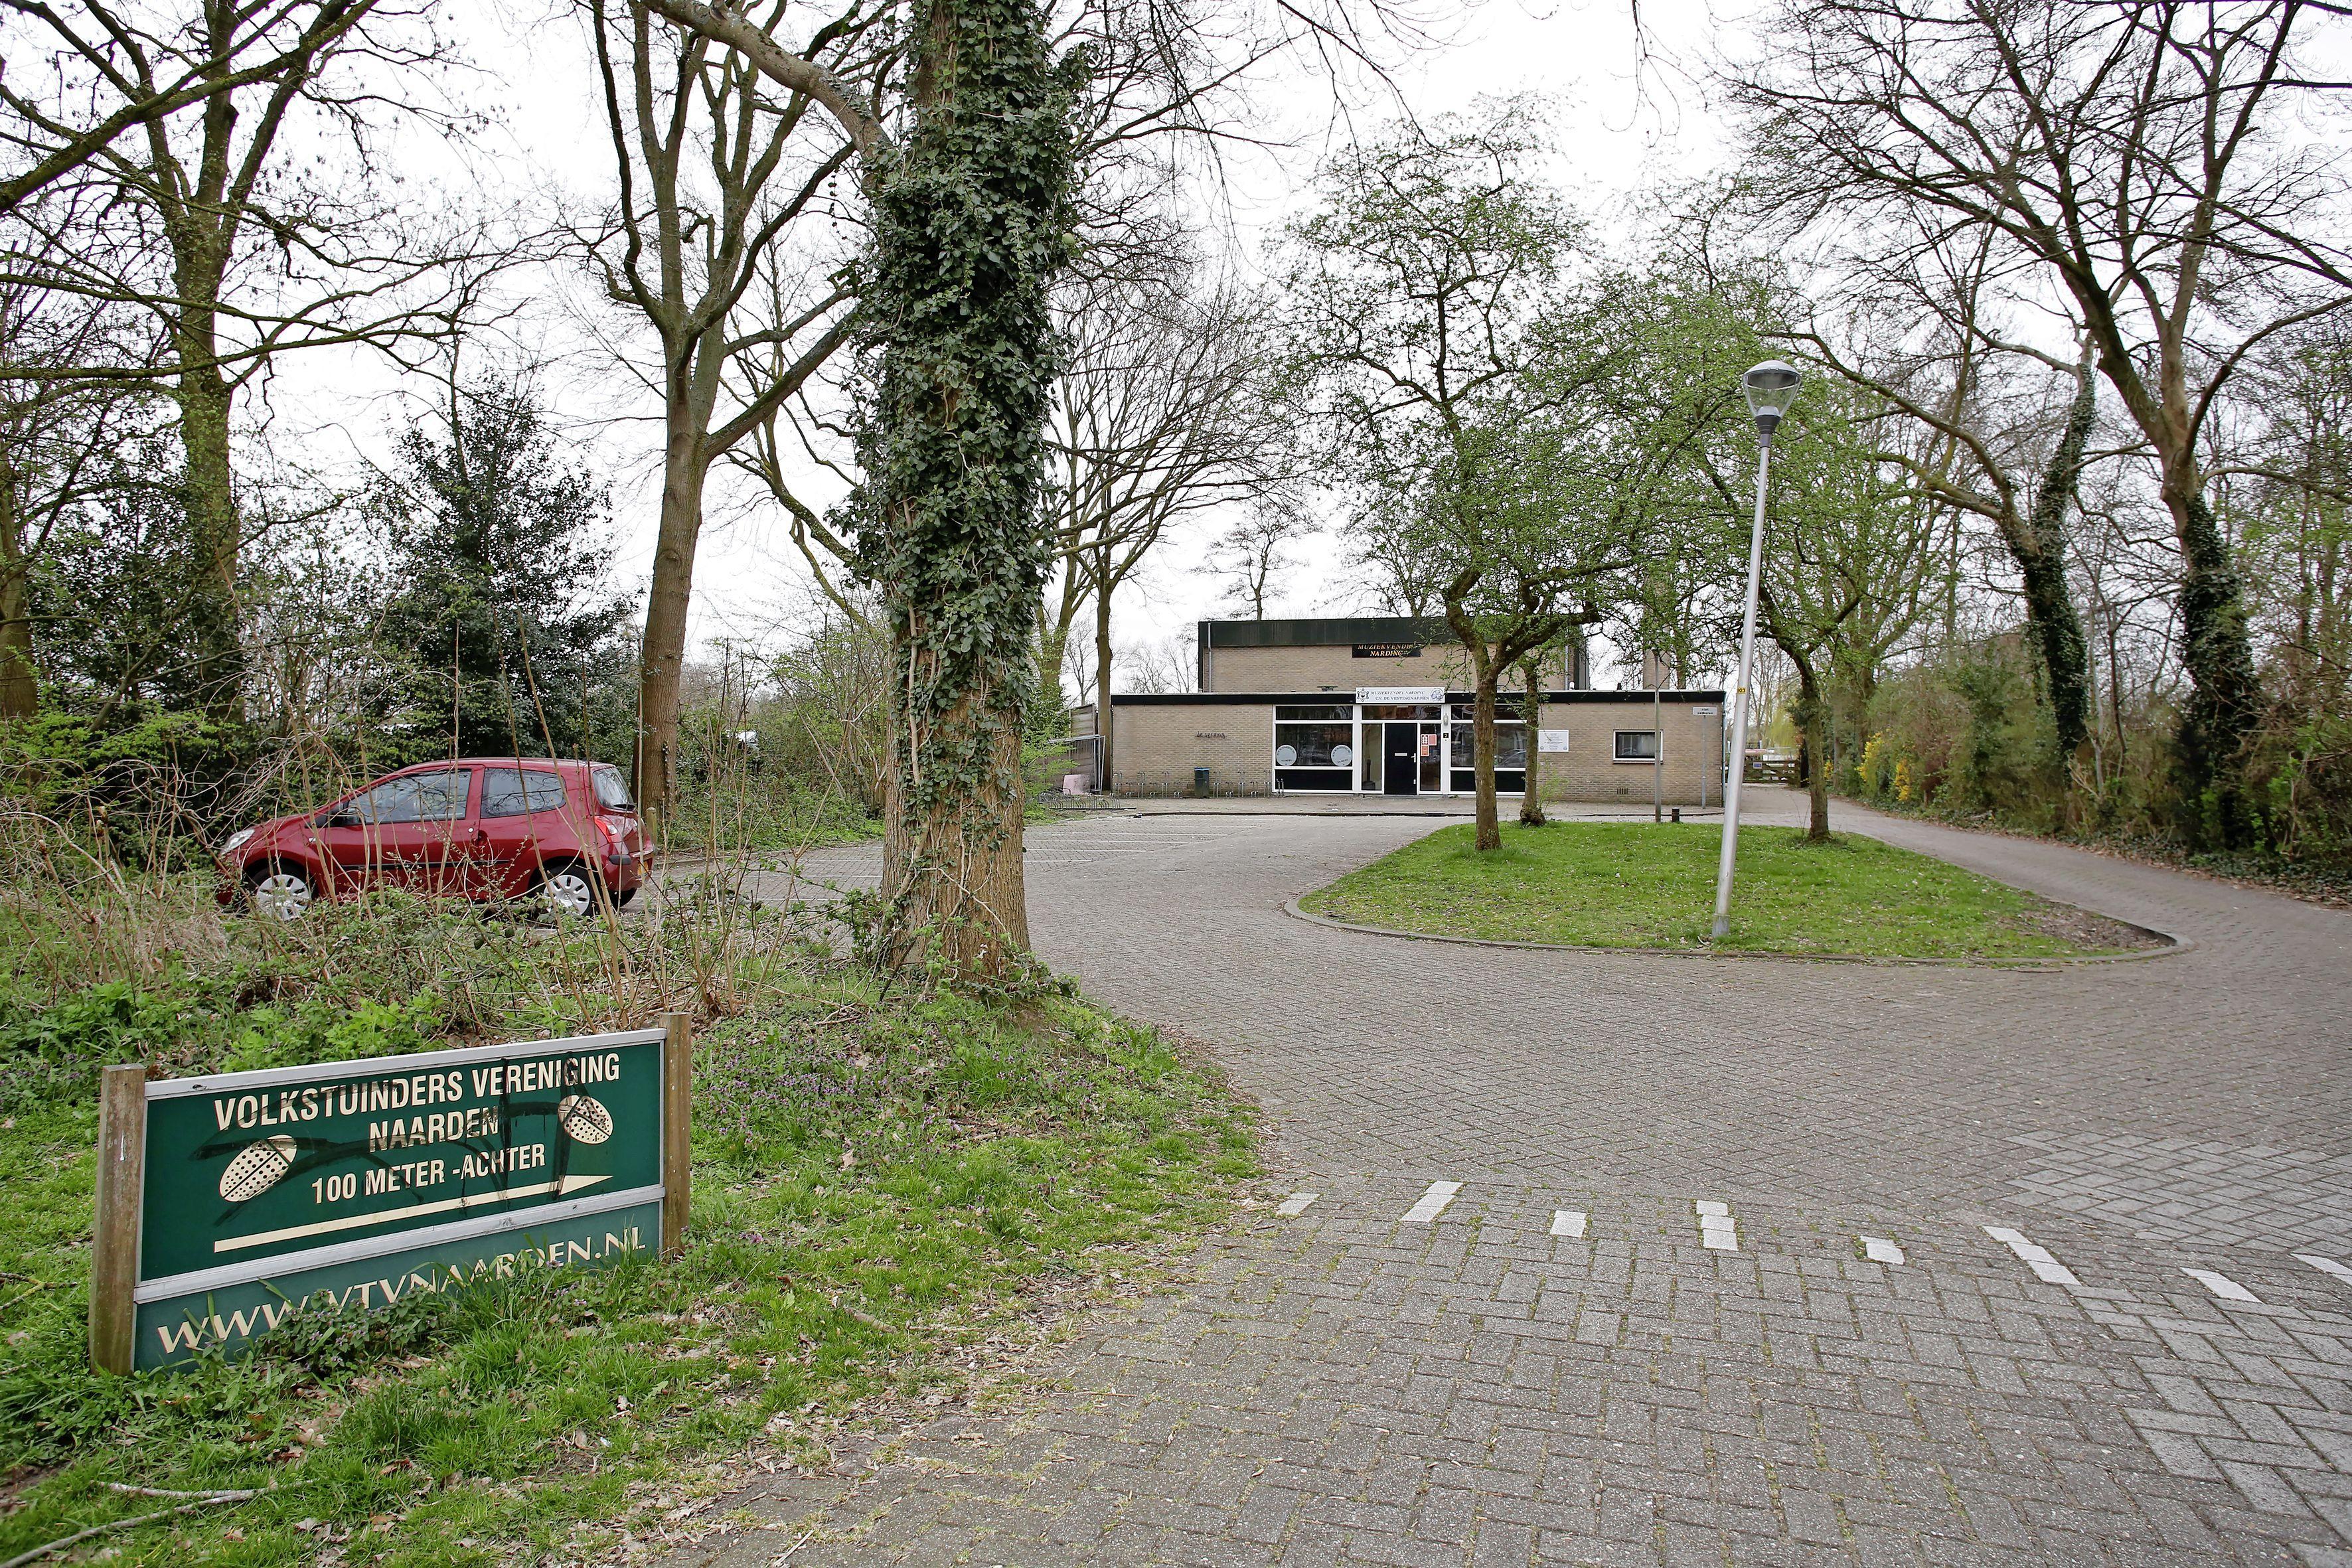 Volkstuinders in Naarden zijn woest nadat drugsdealers een van hun leden hebben afgetuigd: 'Ze zorgen al jaren voor ellende. We zijn het spuugzat'